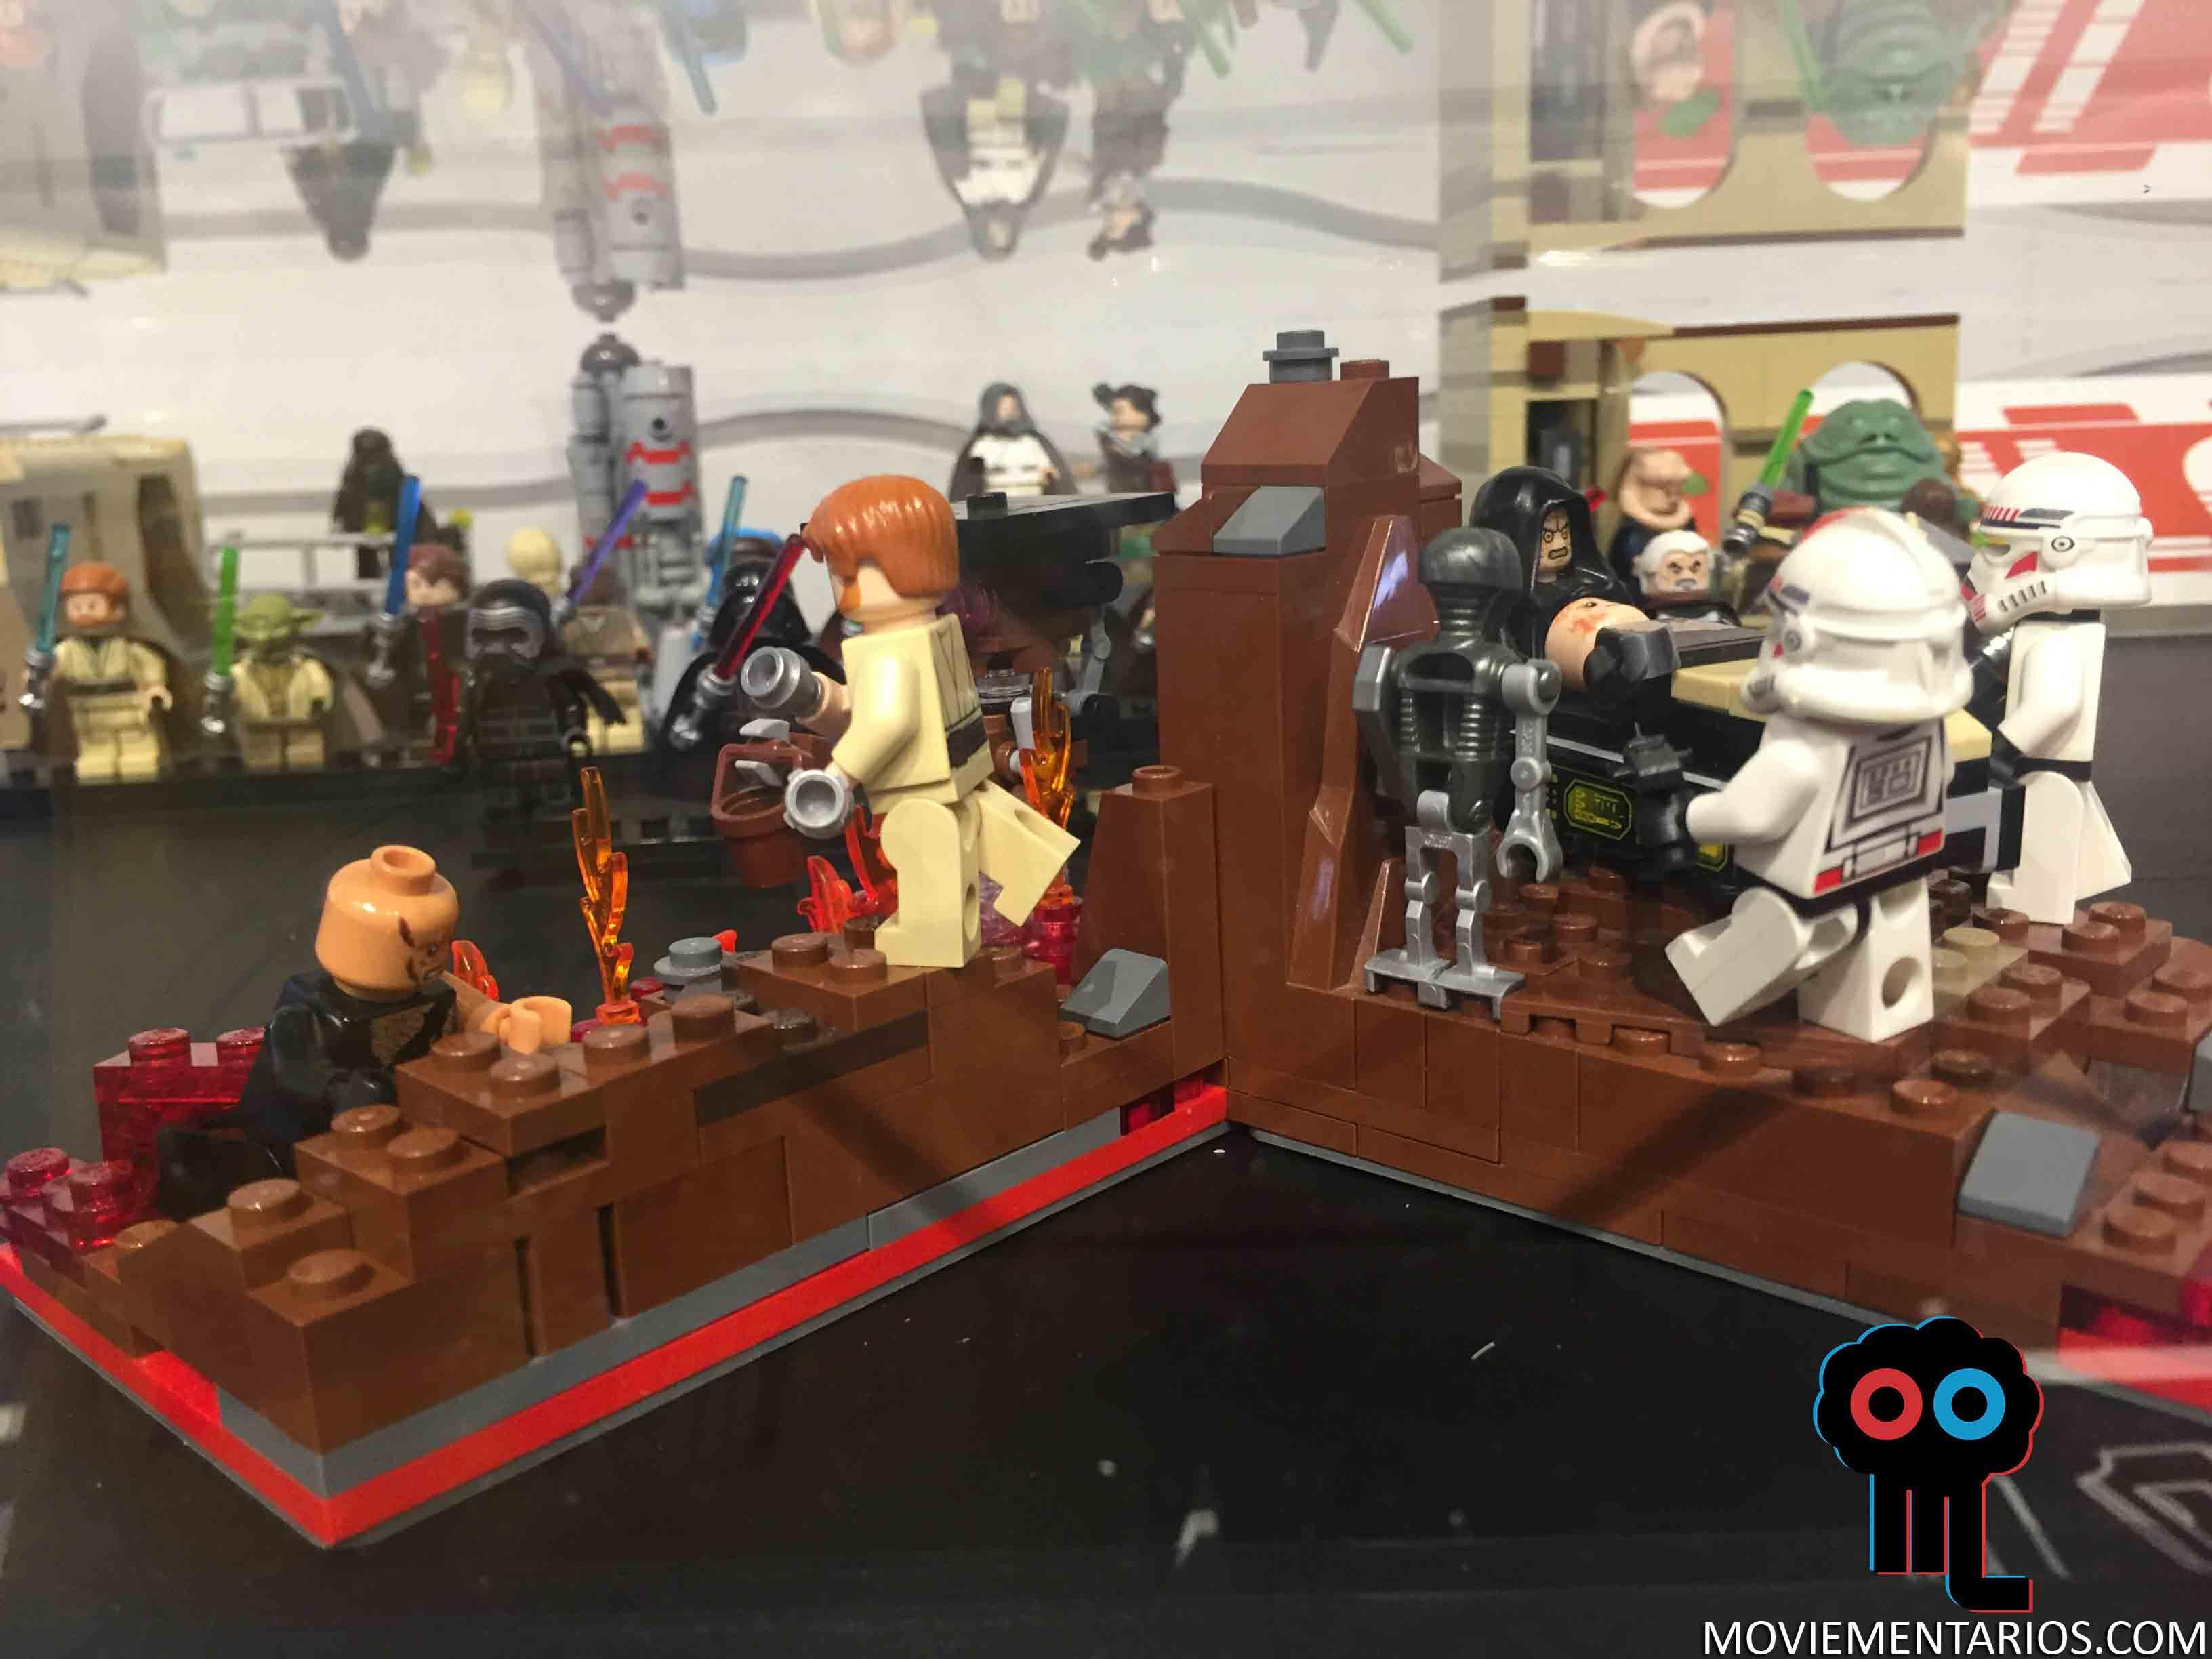 Visitamos la exposici n de lego star wars en fnac callao - Croiseur star wars lego ...